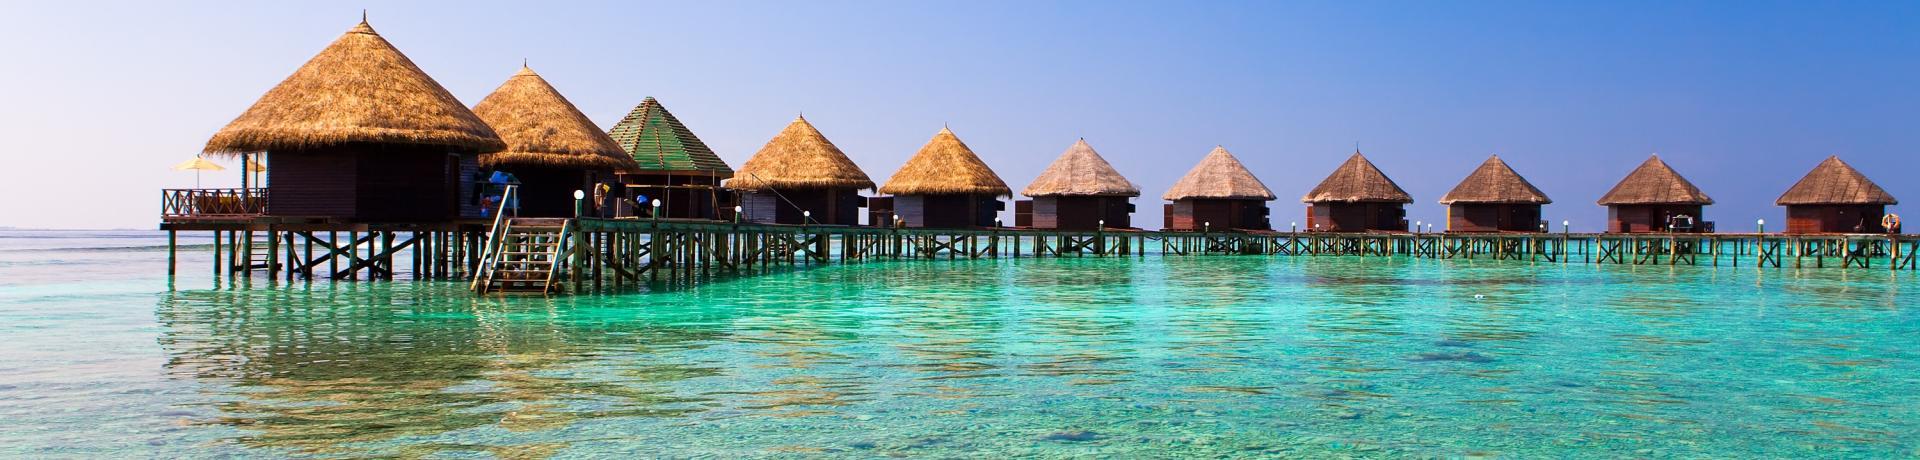 161+Malediven+TS_152943547.jpg